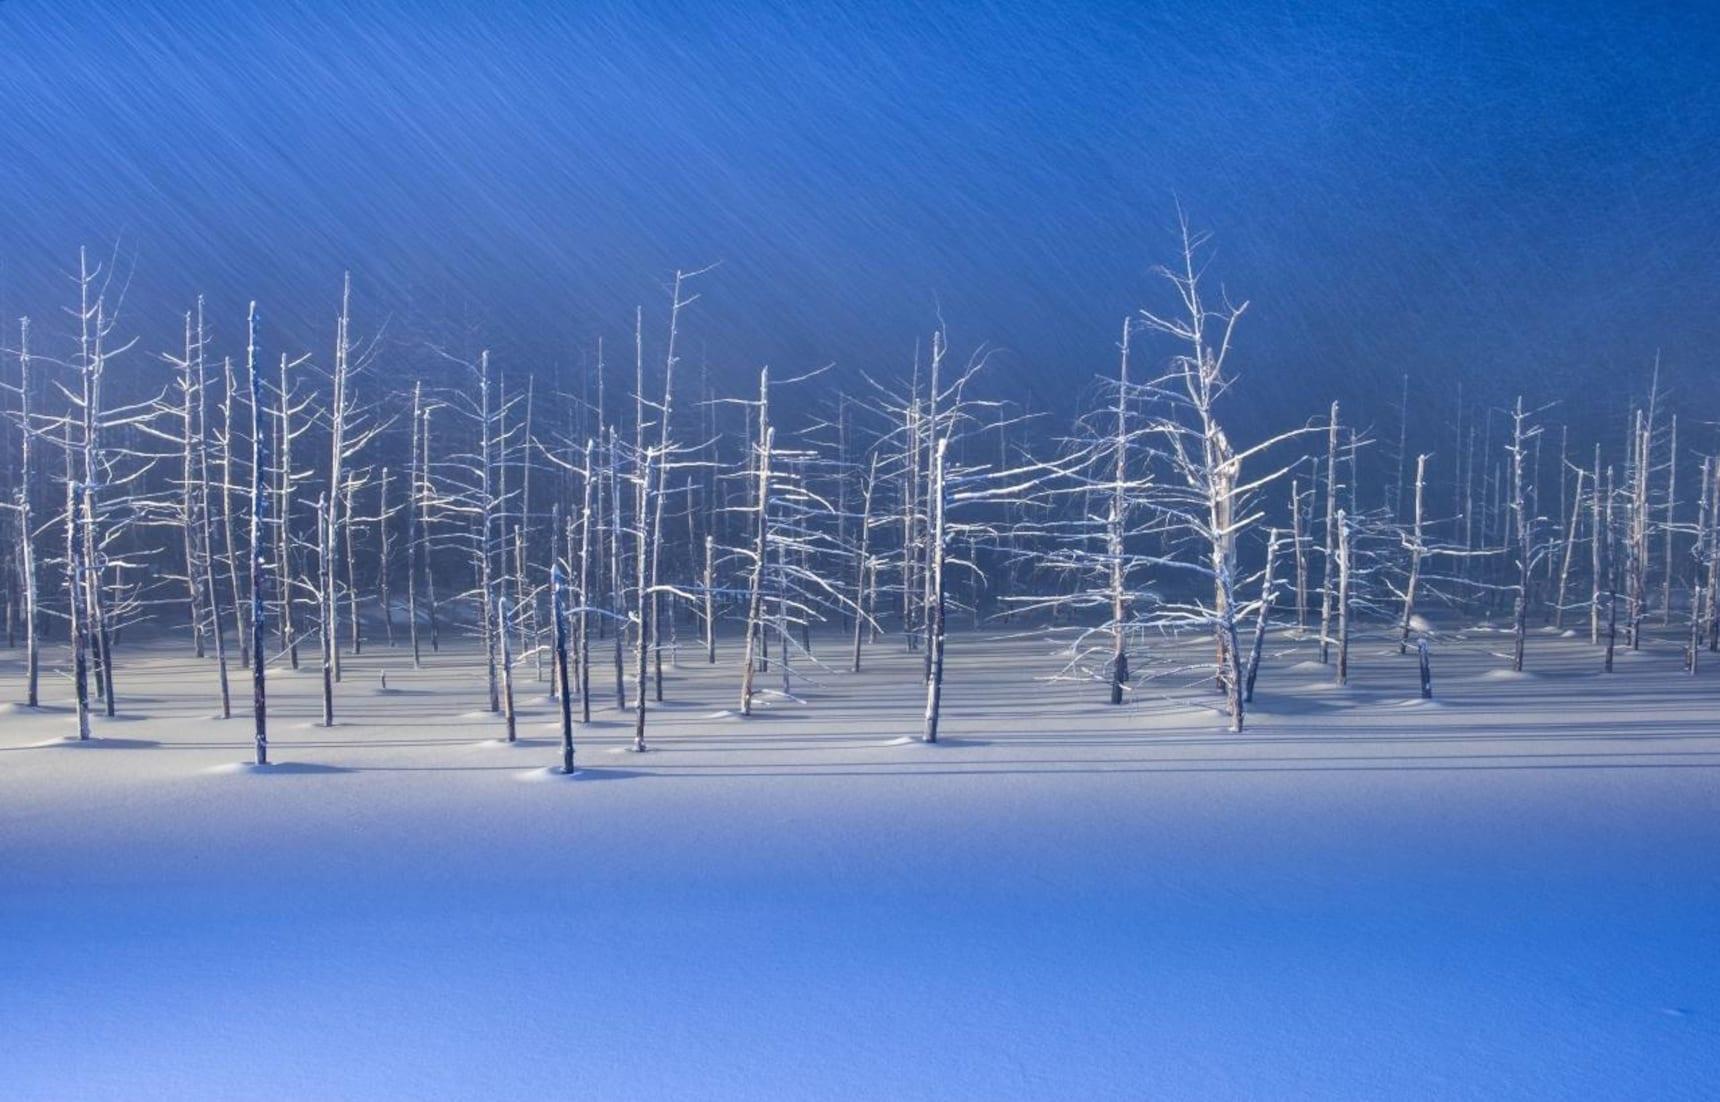 연인과 겨울을 맞이하기 좋은 곳: 홋카이도 2부